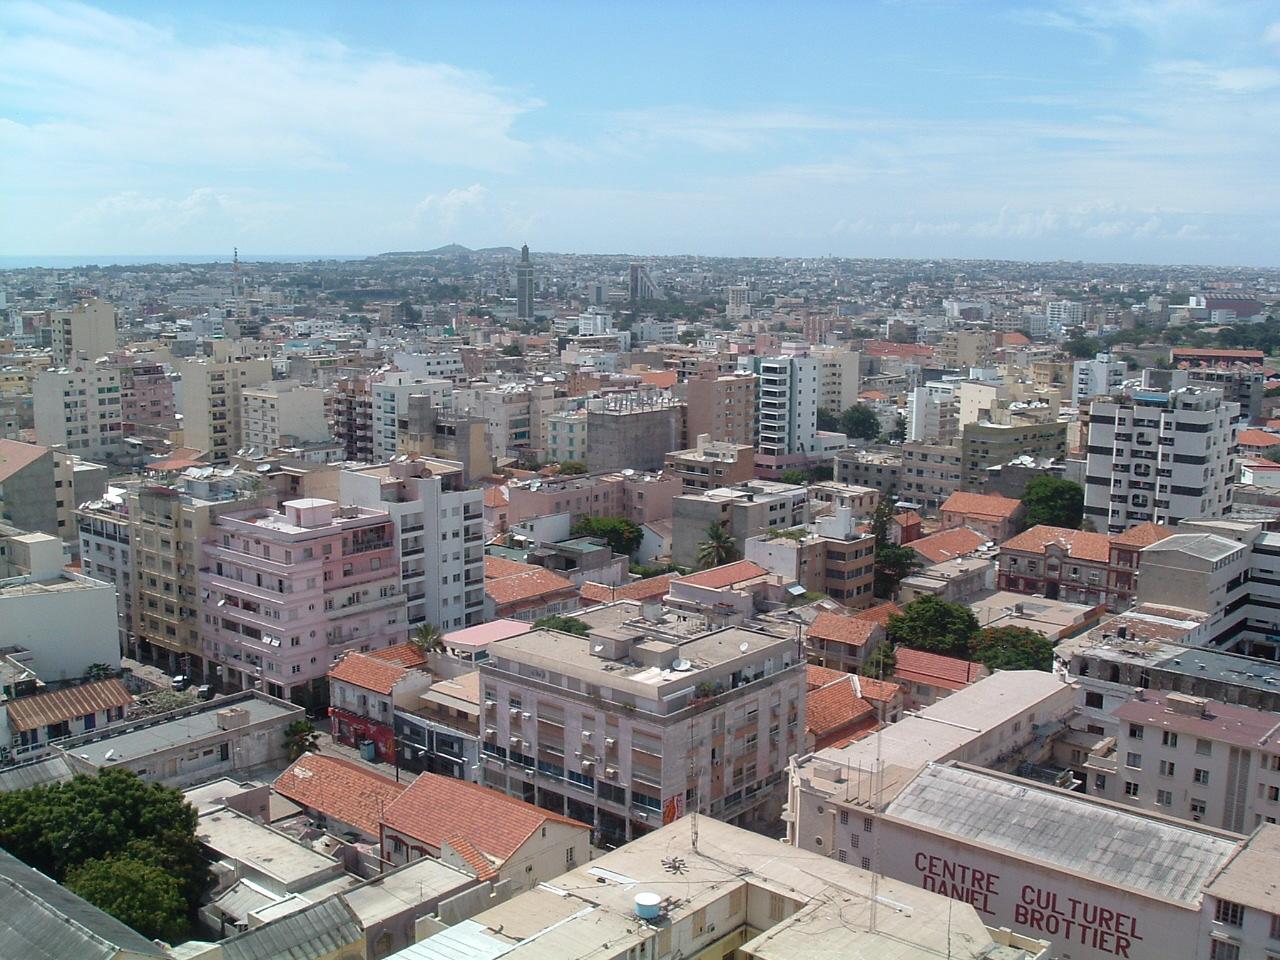 Dakar, capital of Senegal